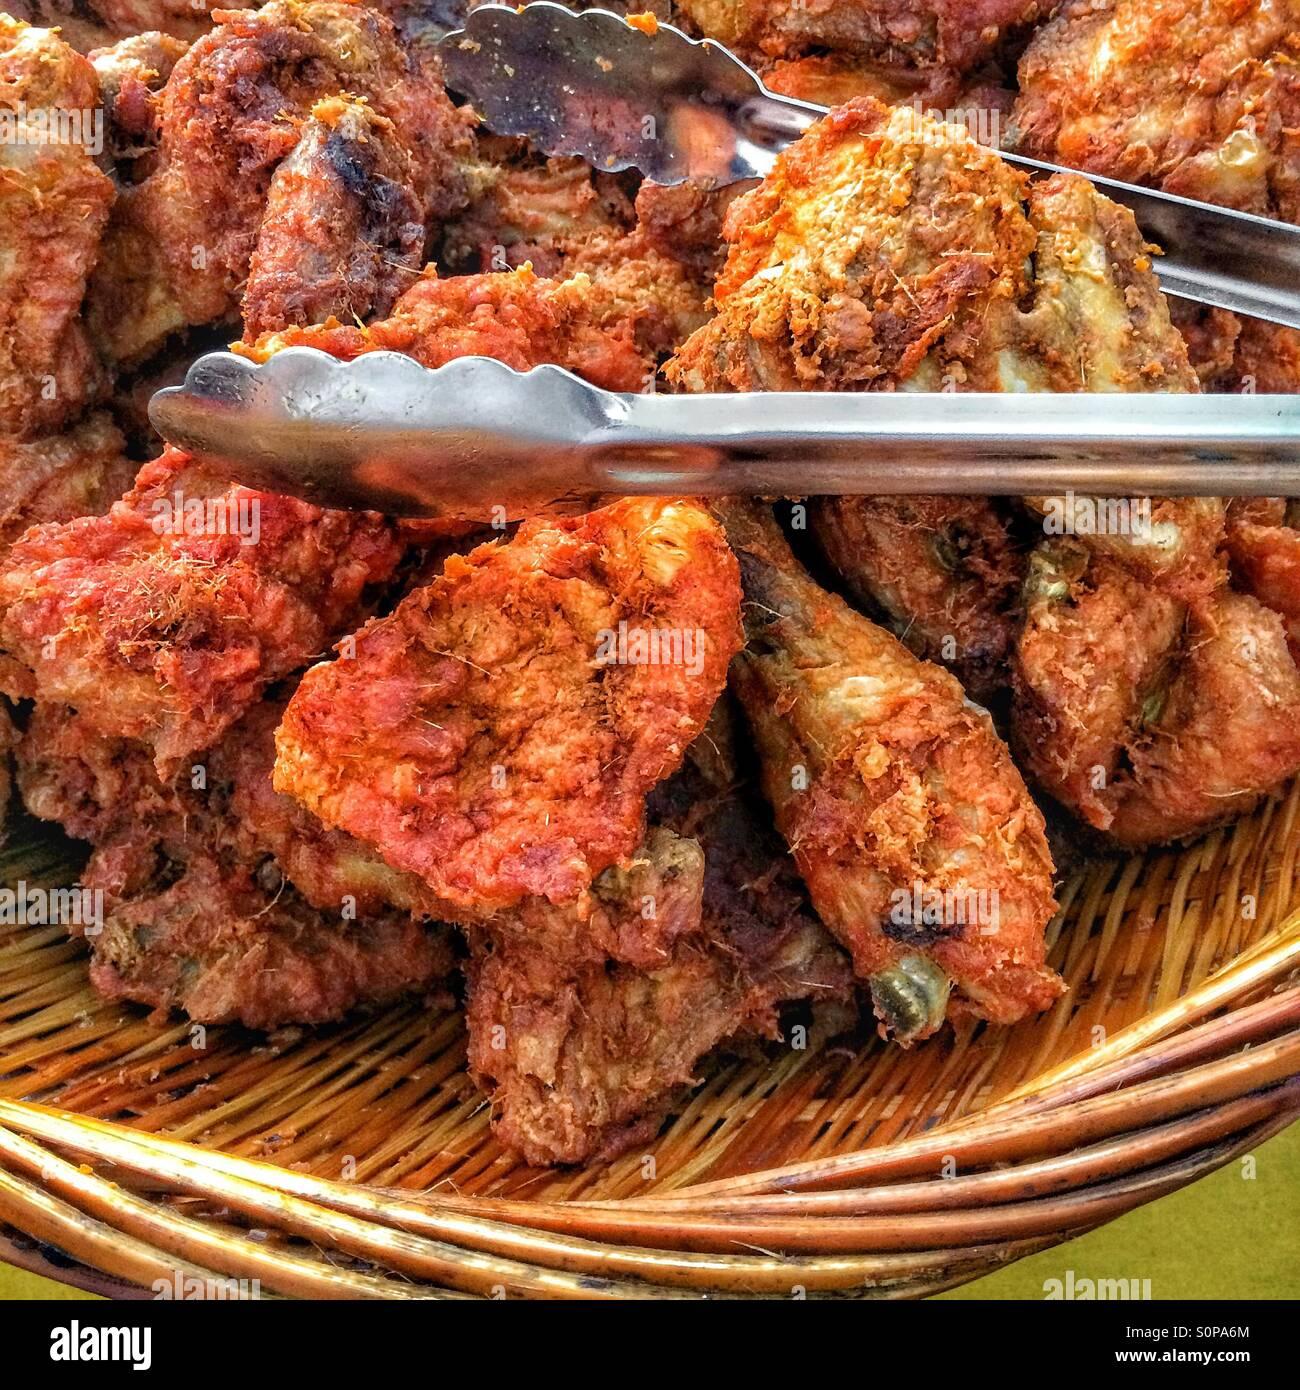 Fried chicken Stockbild